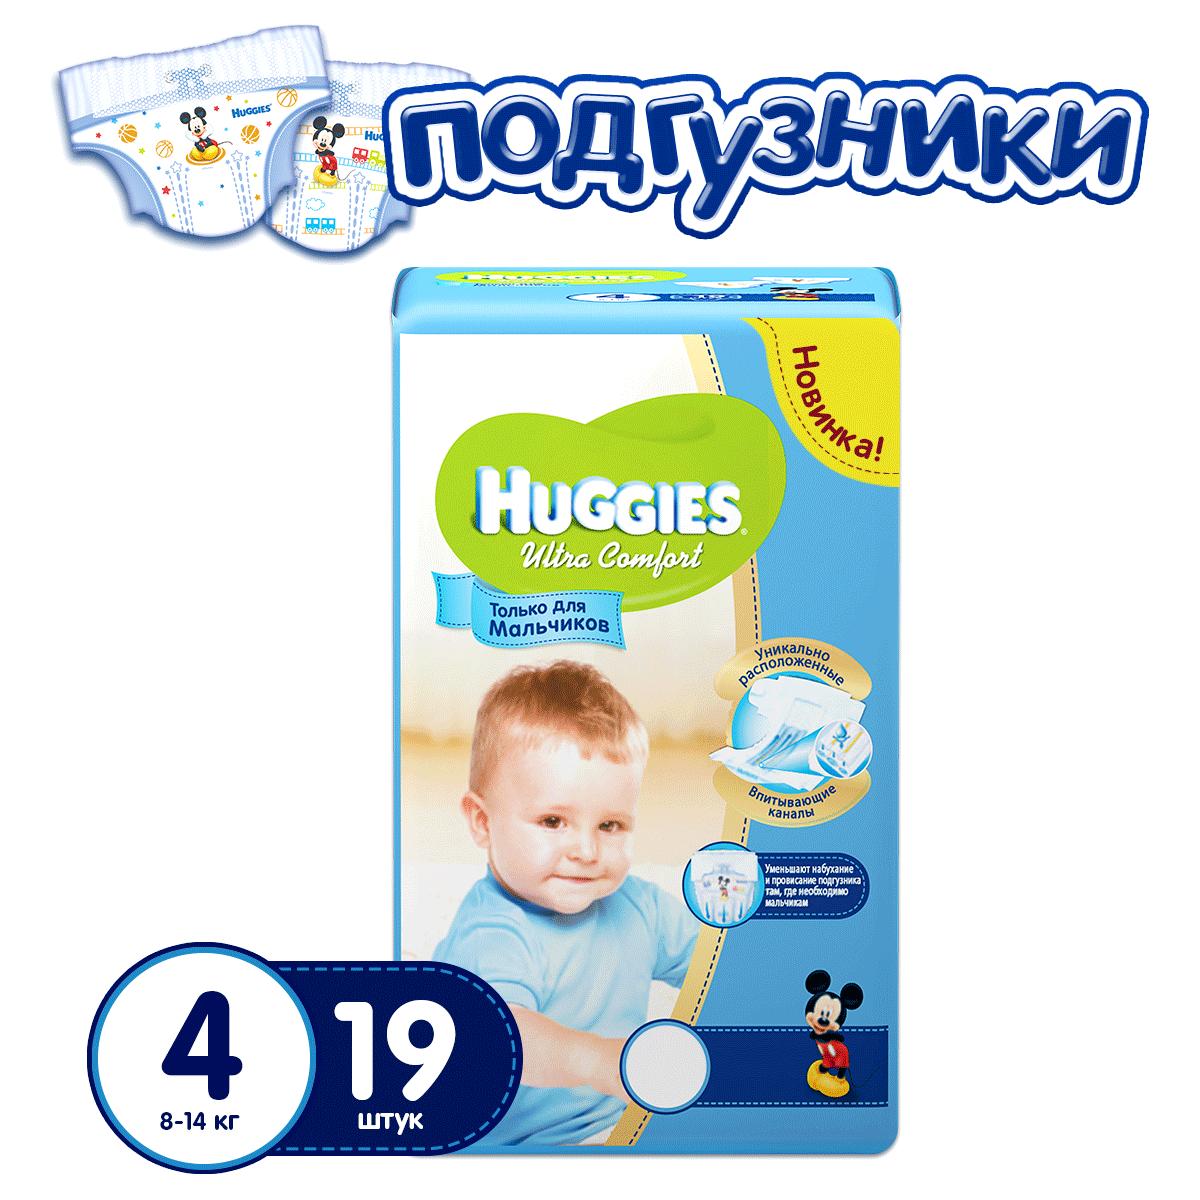 Подгузники Huggies Ultra Comfort Conv Pack для мальчиков 8-14 кг (19 шт) Размер 4<br>